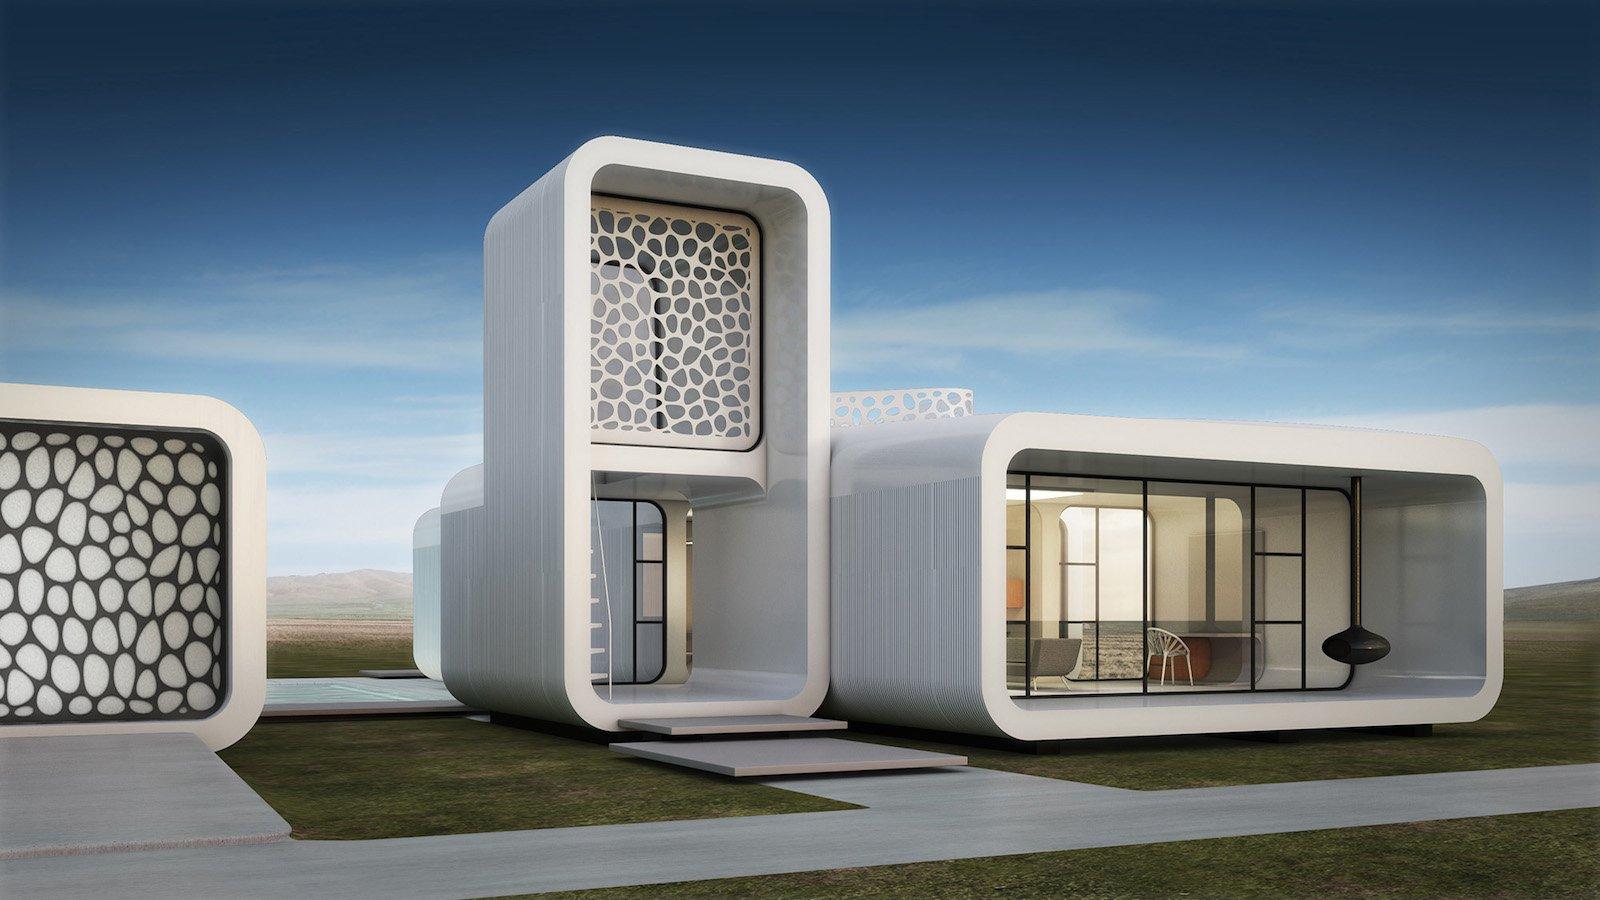 Das Design des gedruckten Bürogebäudes soll den Forschungsstand über die Anforderungen der Arbeitswelt von Morgen entsprechen.